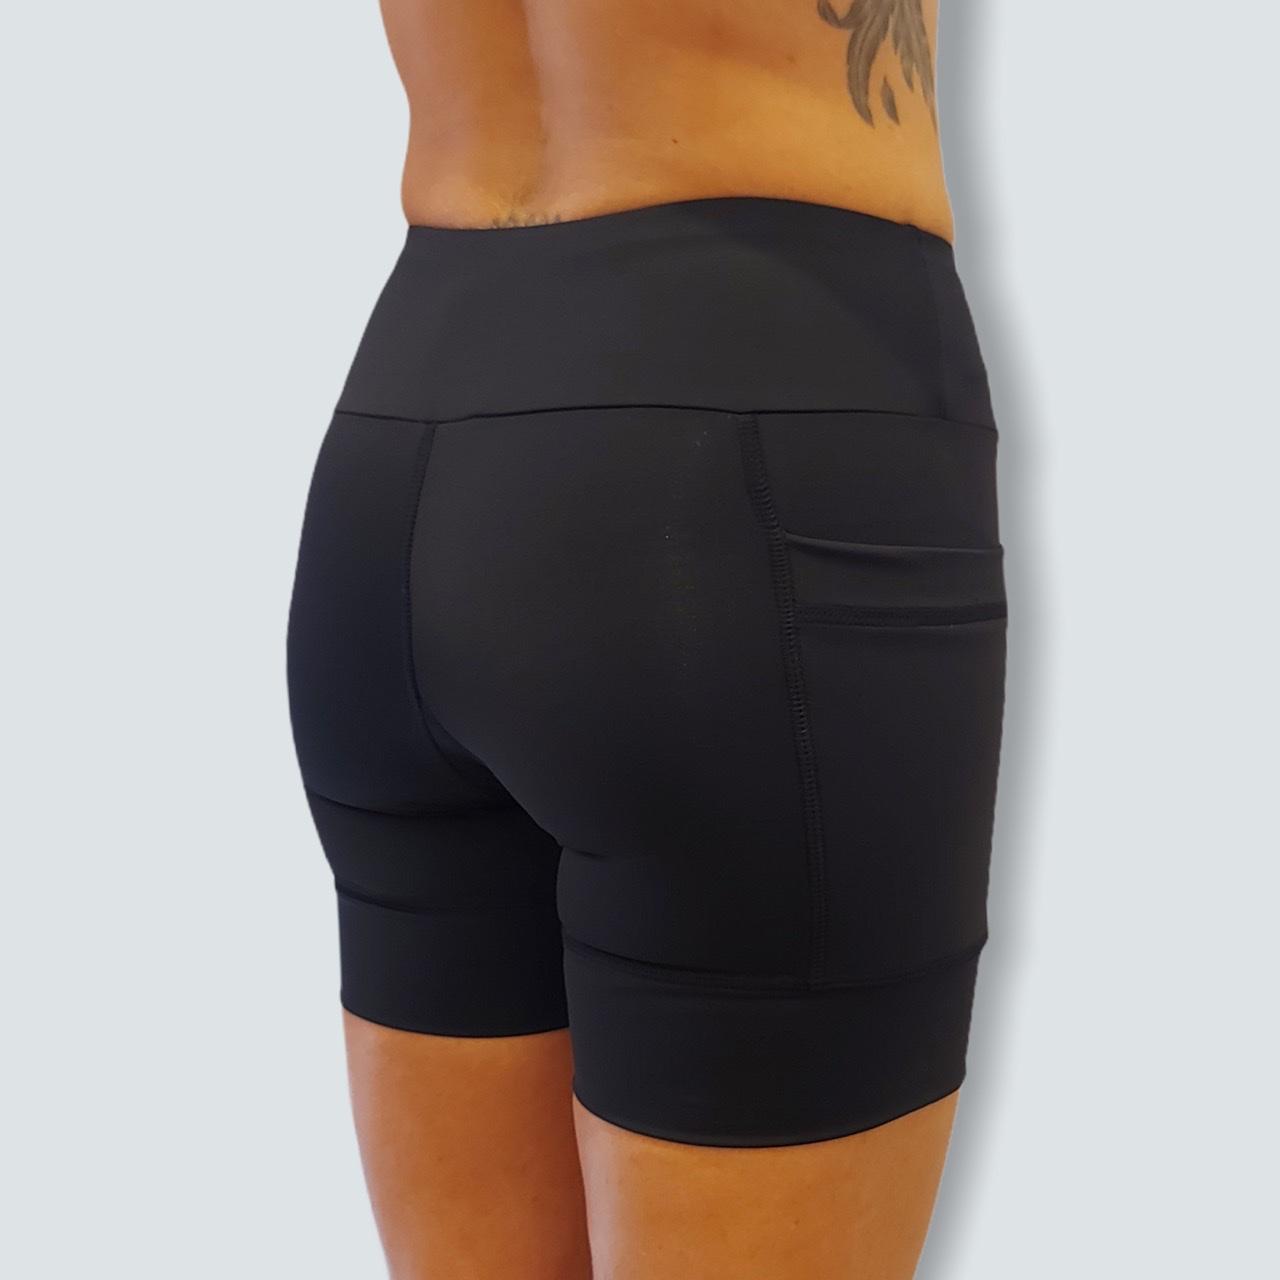 Shorts de compressão 2 bolsos laterais Square em sportiva preto  - Vivian Bógus